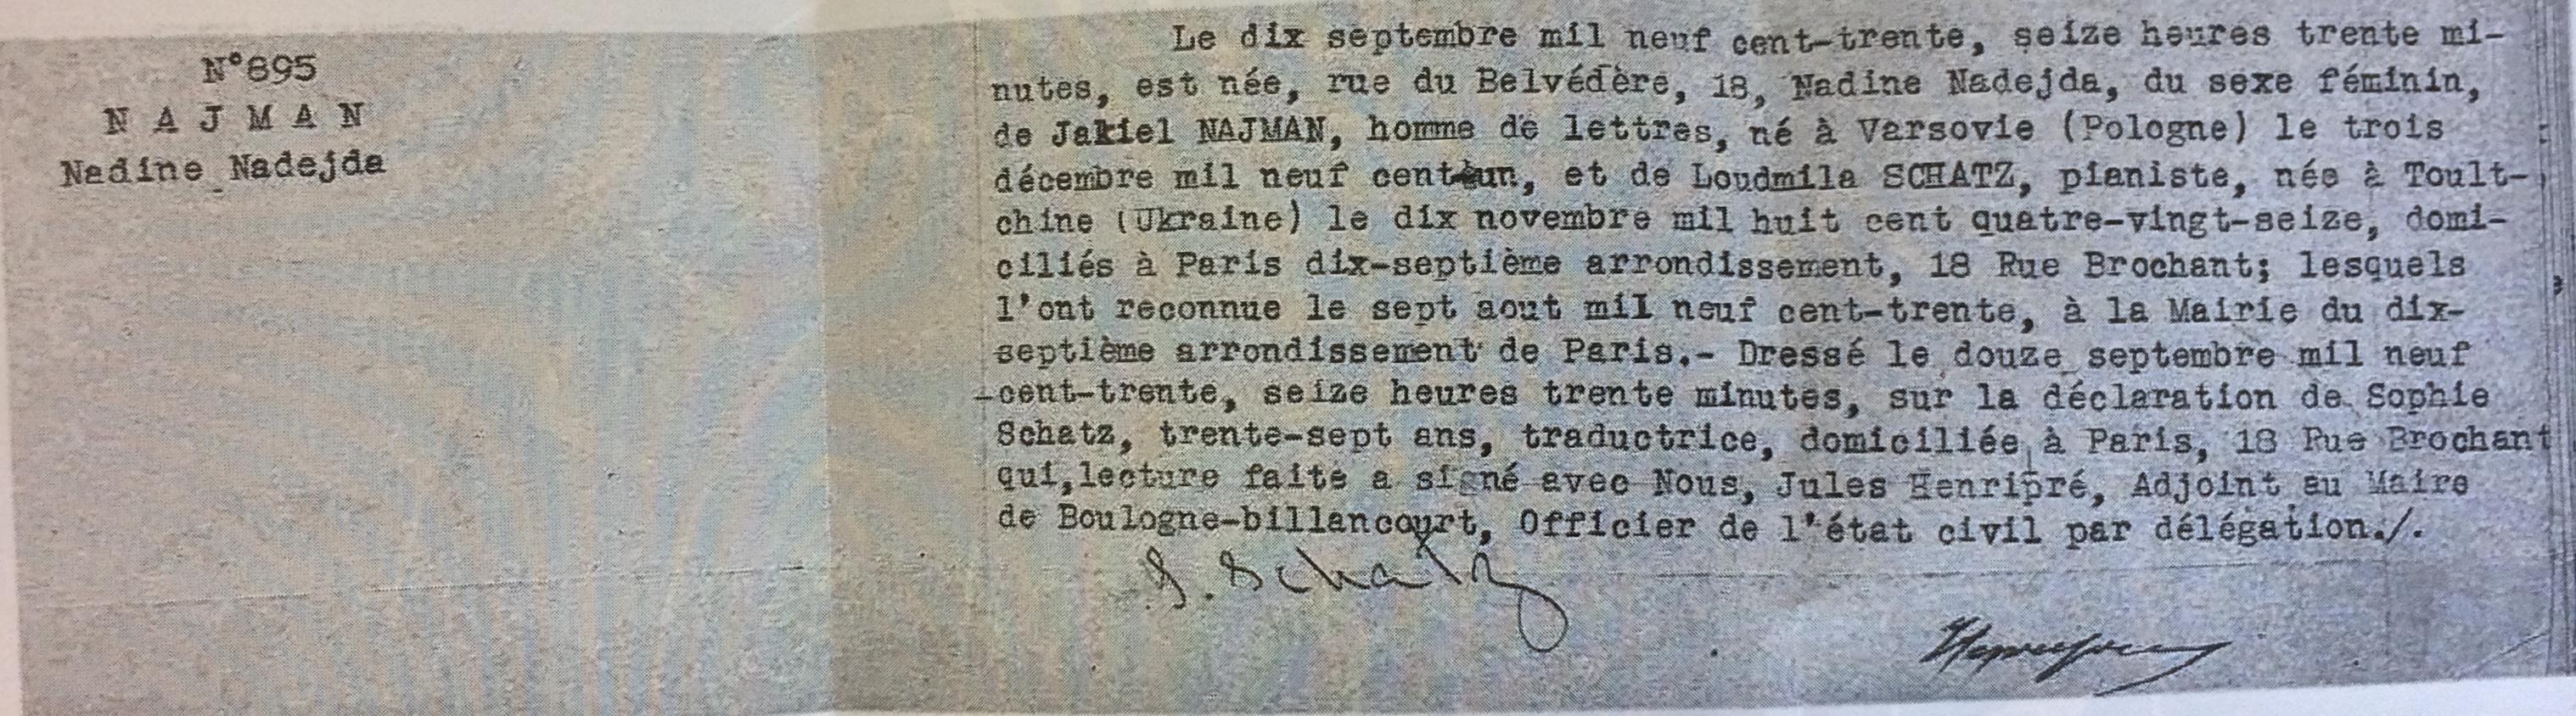 Acte naissance de Nadine NAJMAN [Archives d'Etat civil, mairie de Boulogne-Billancourt]